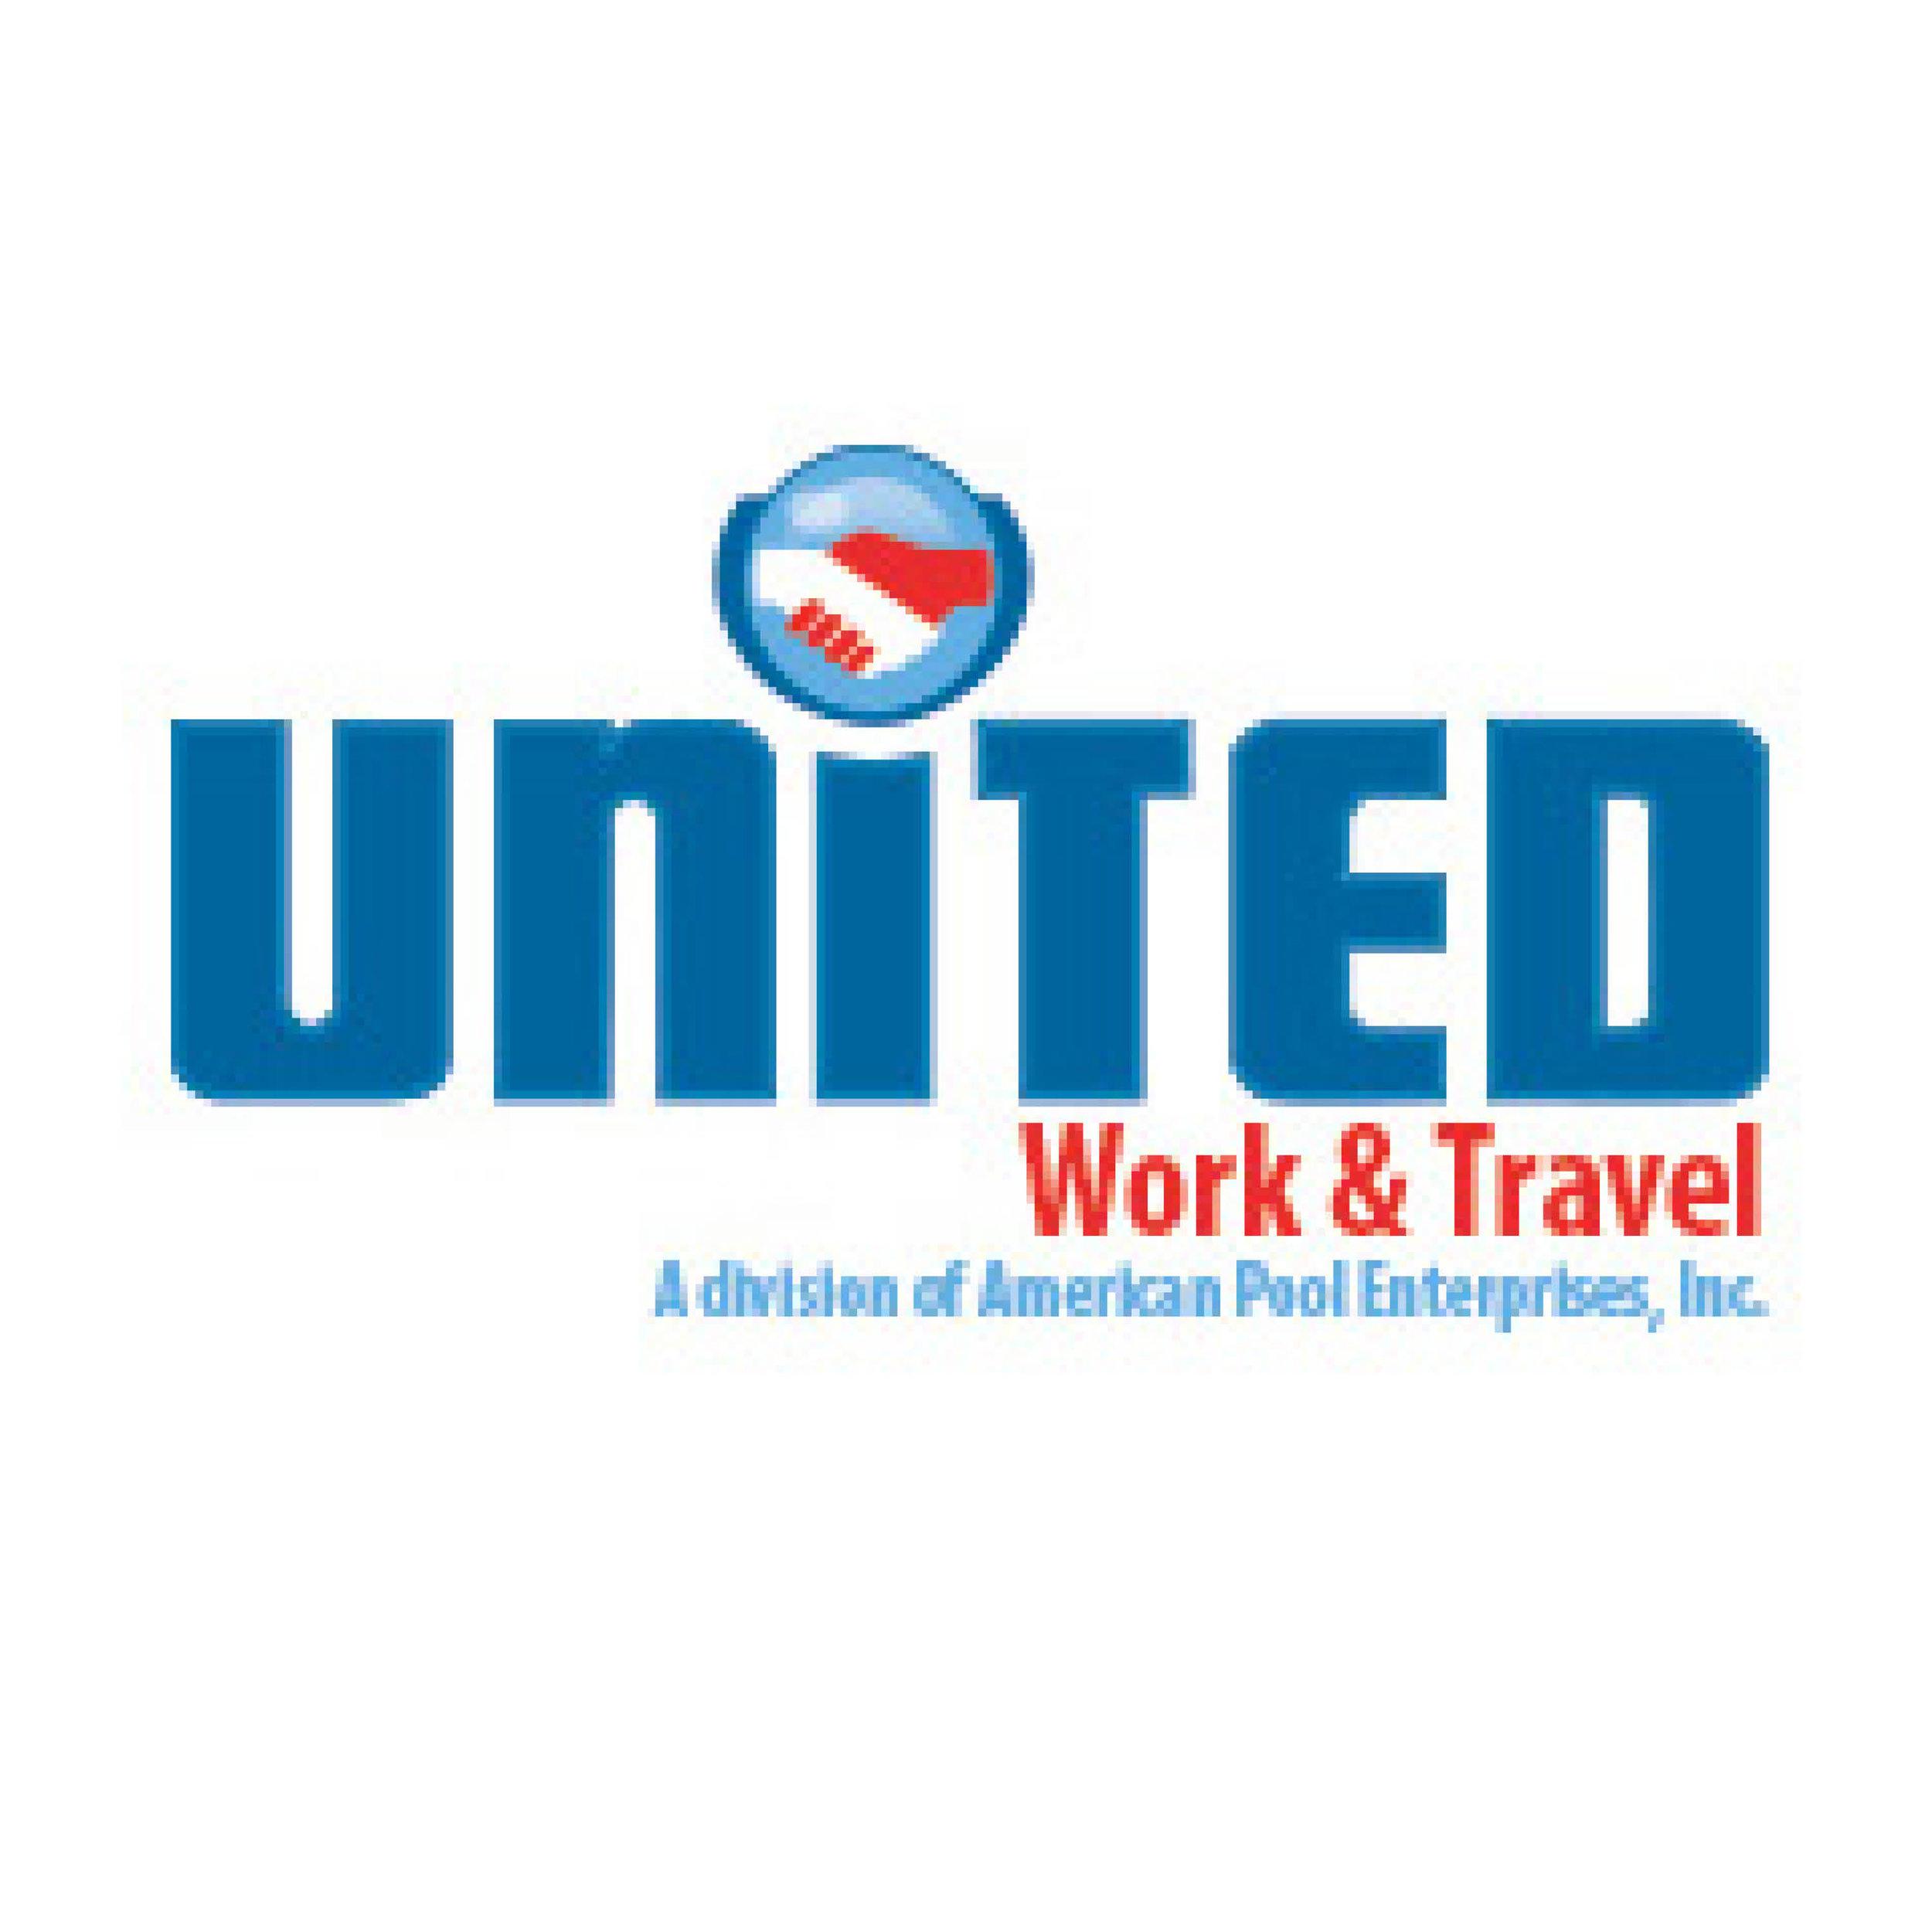 uwt_logo2.jpg